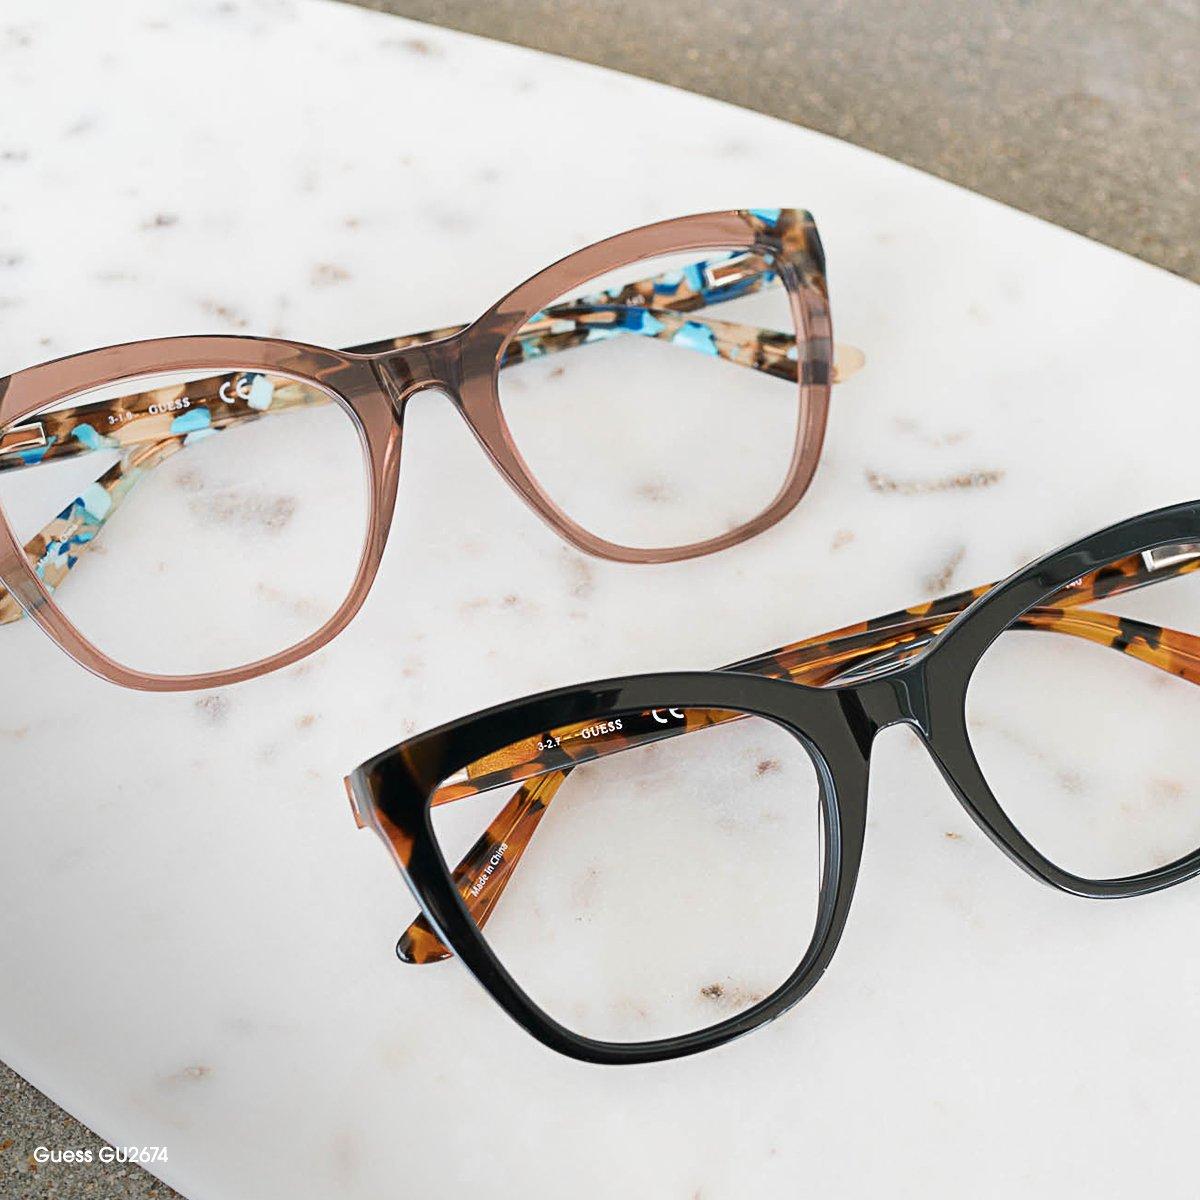 c286ca9d593d Check out the Top 6 #Fall #Eyewear #trends from @EyemartExpress!  https://bit.ly/2pnHu80 via @MyABJ #fashion  #accessoirespic.twitter.com/x75wGS0JzP